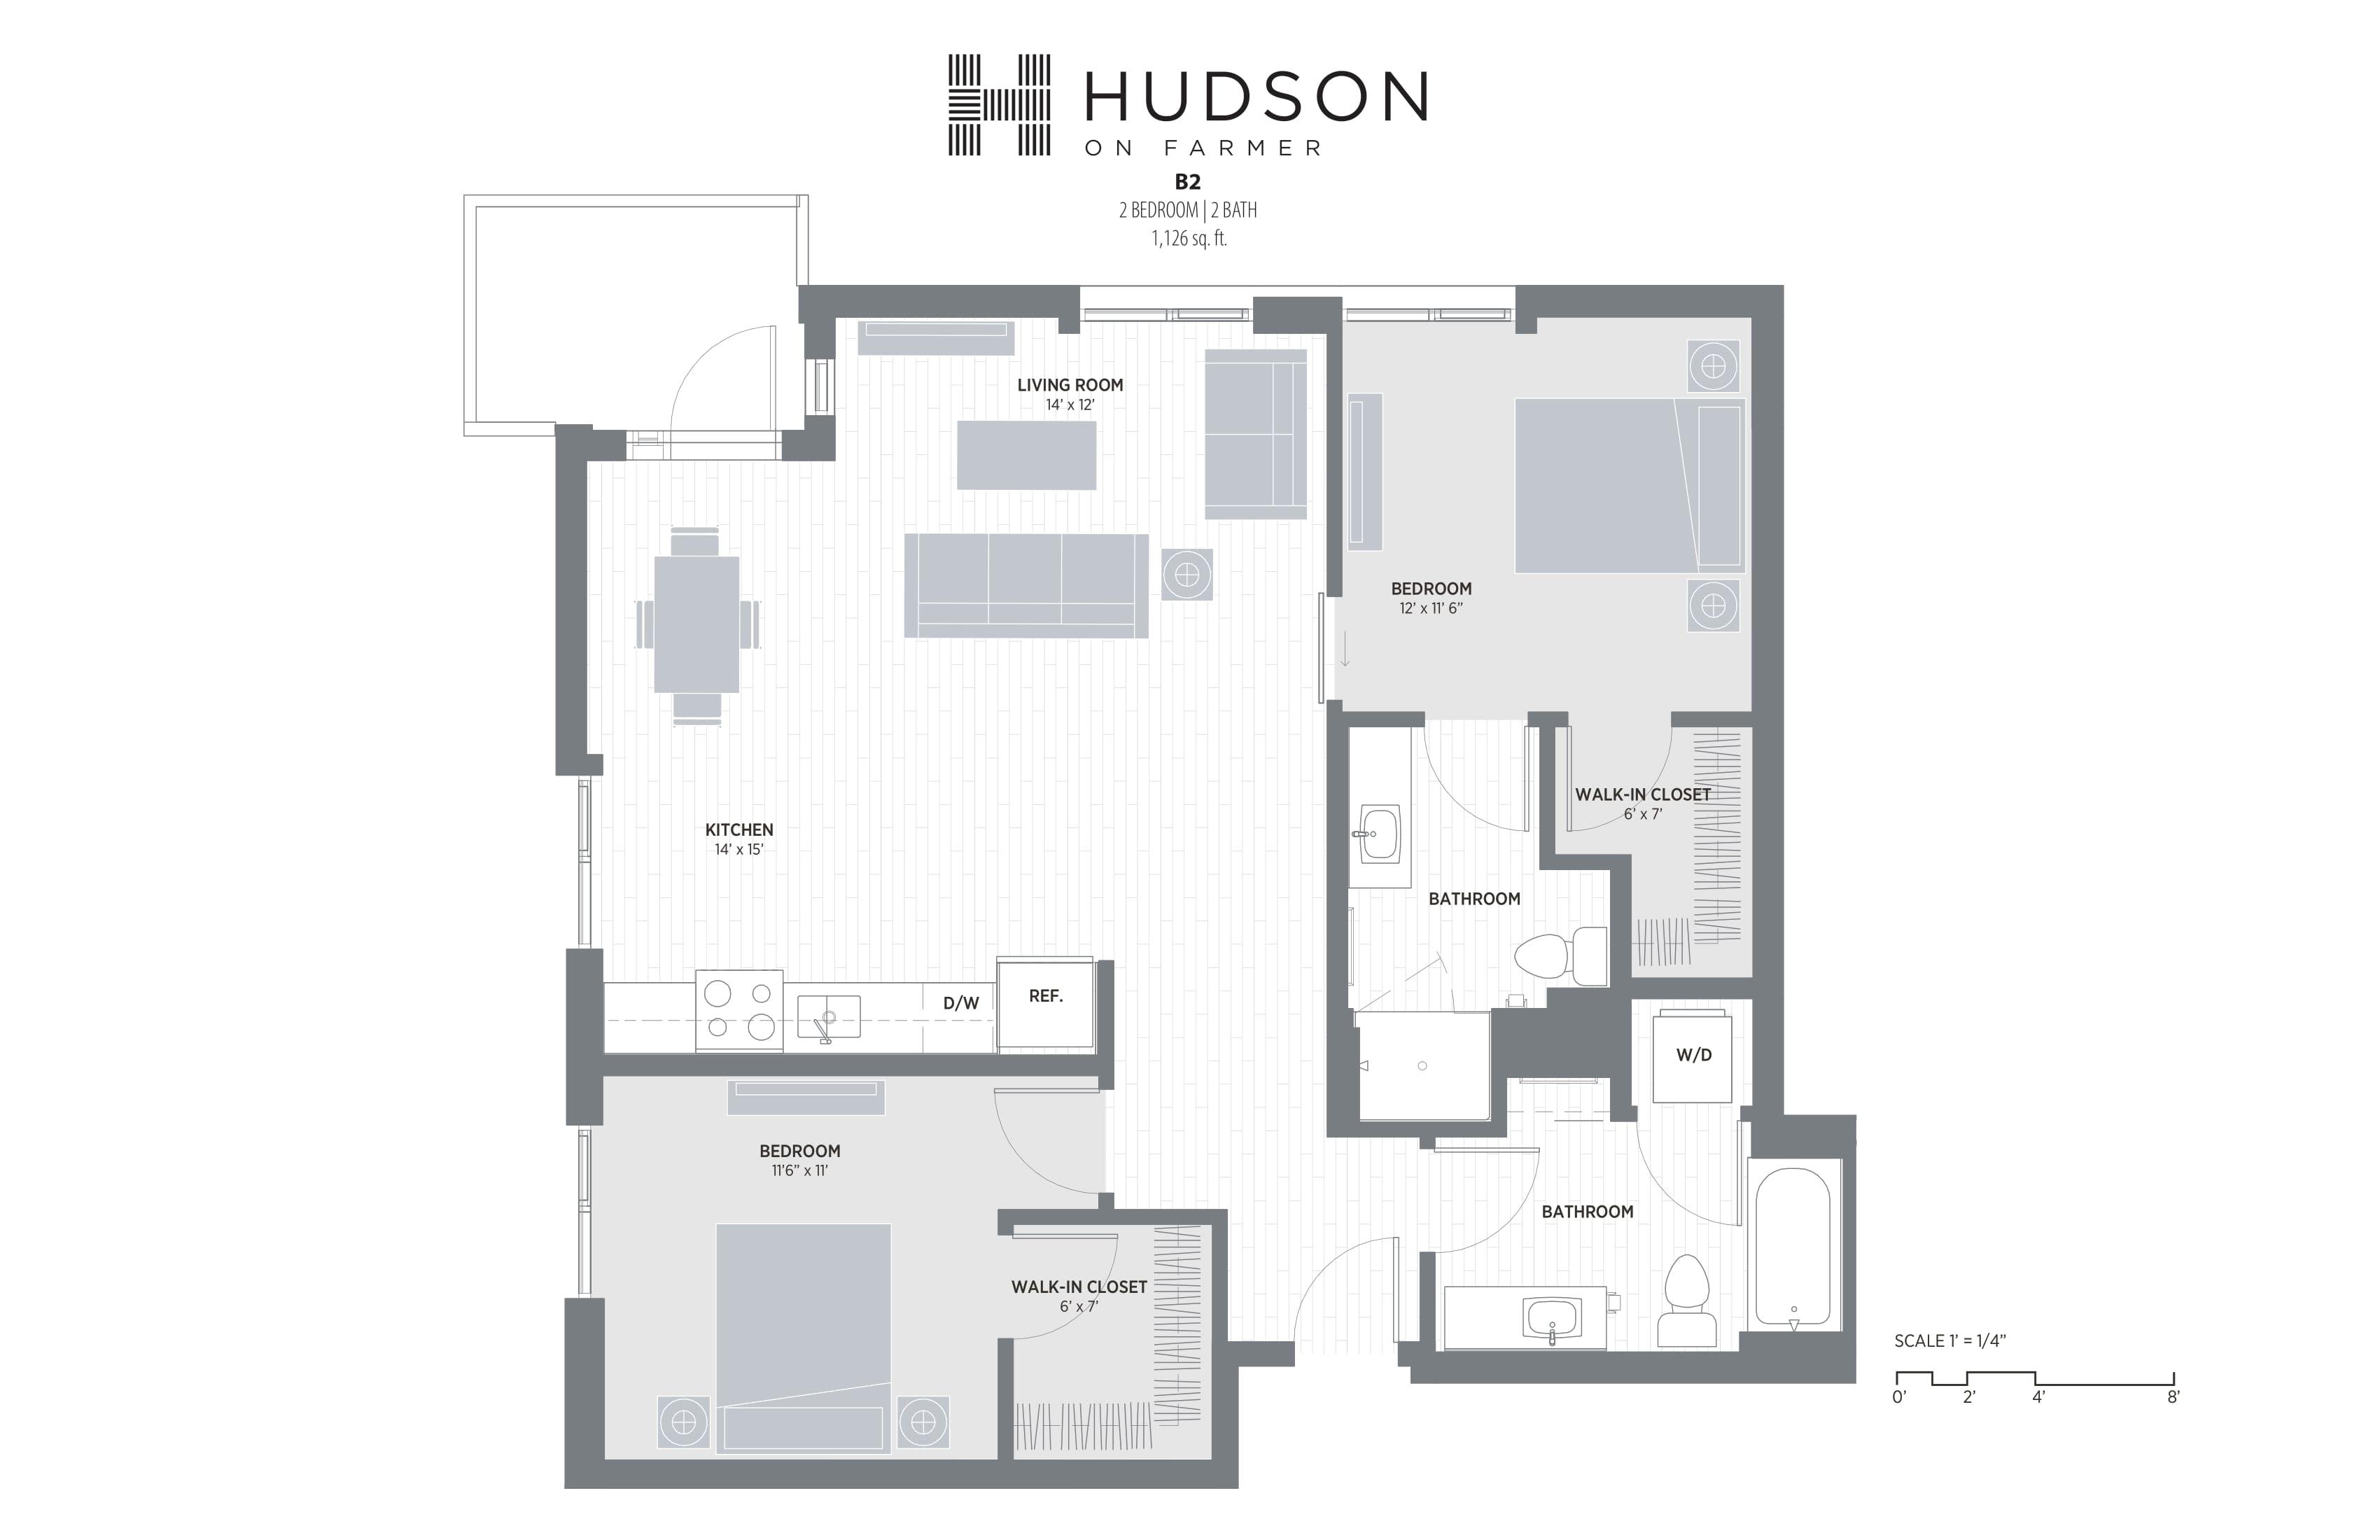 B2.c floor plan